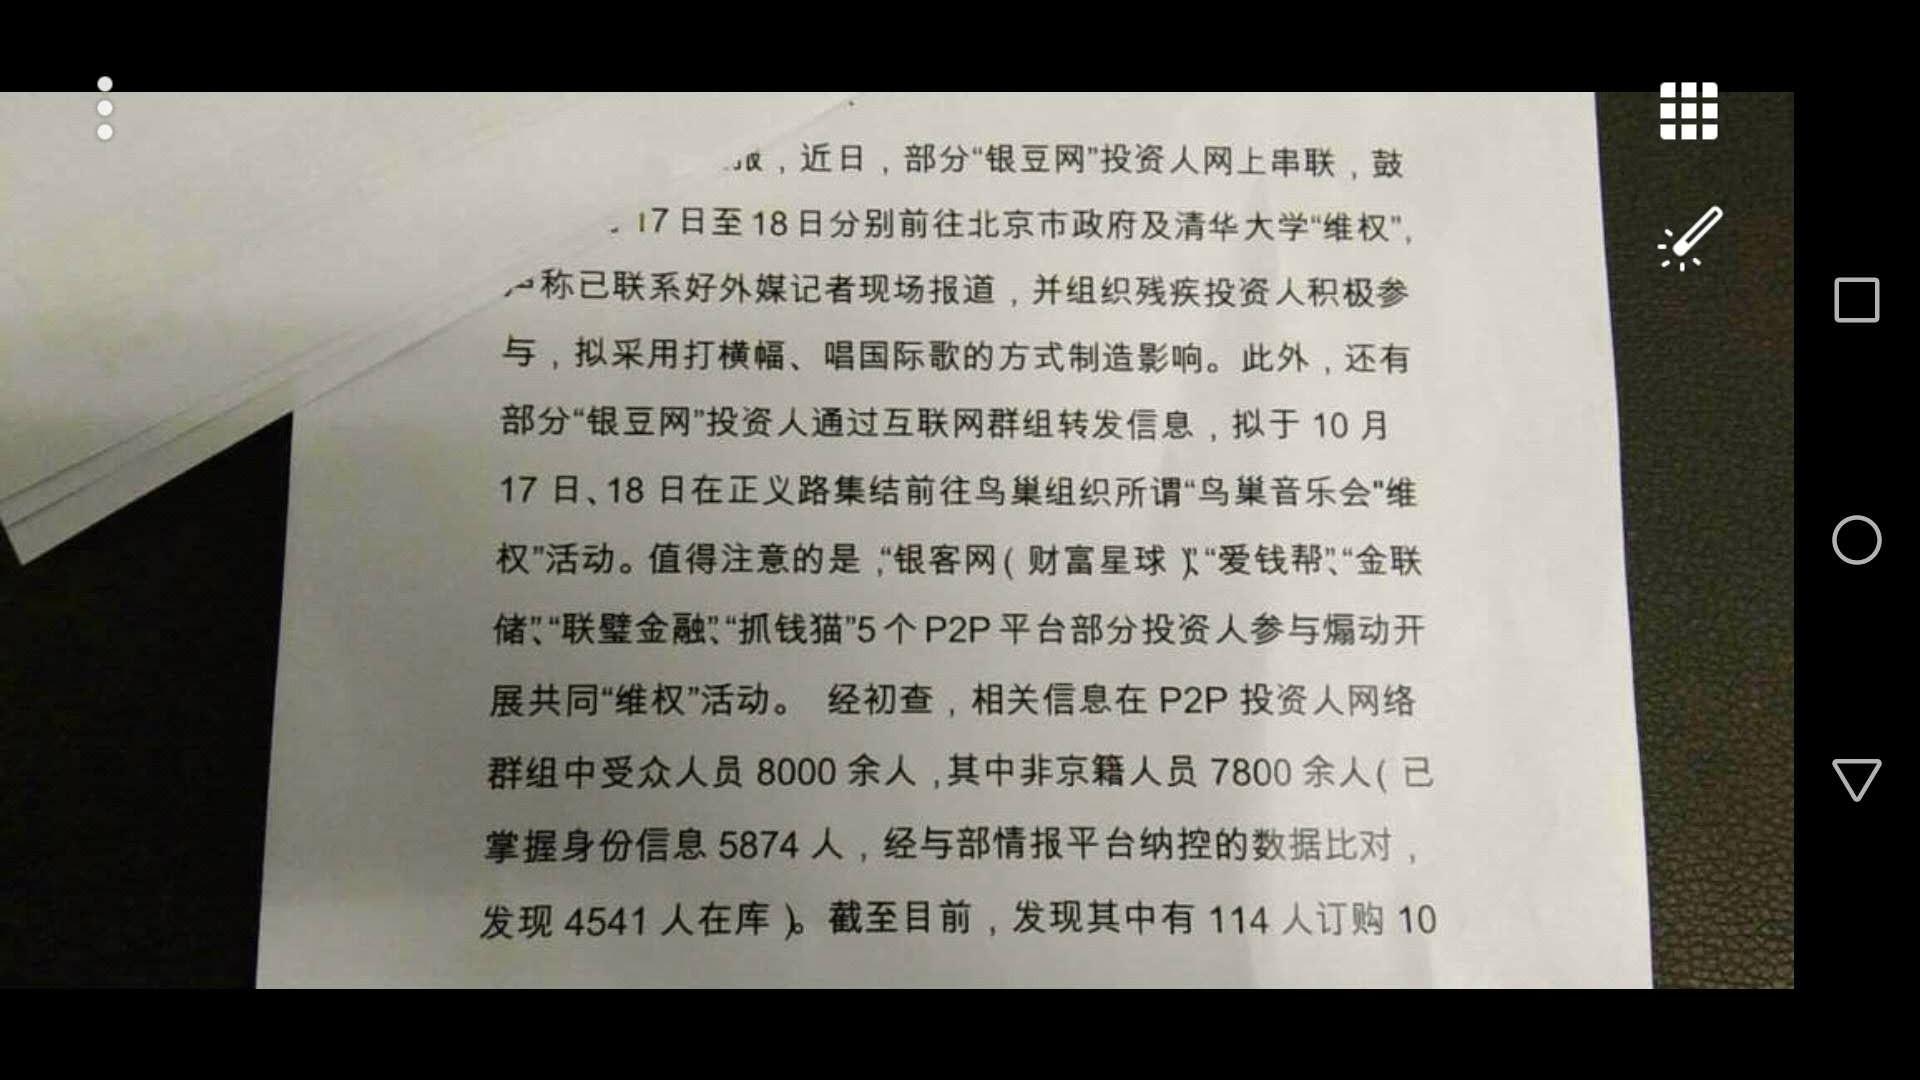 傳出的一份警方的內部資料顯示,警方早已掌握了銀豆網維權的組織情況。(受訪人提供)